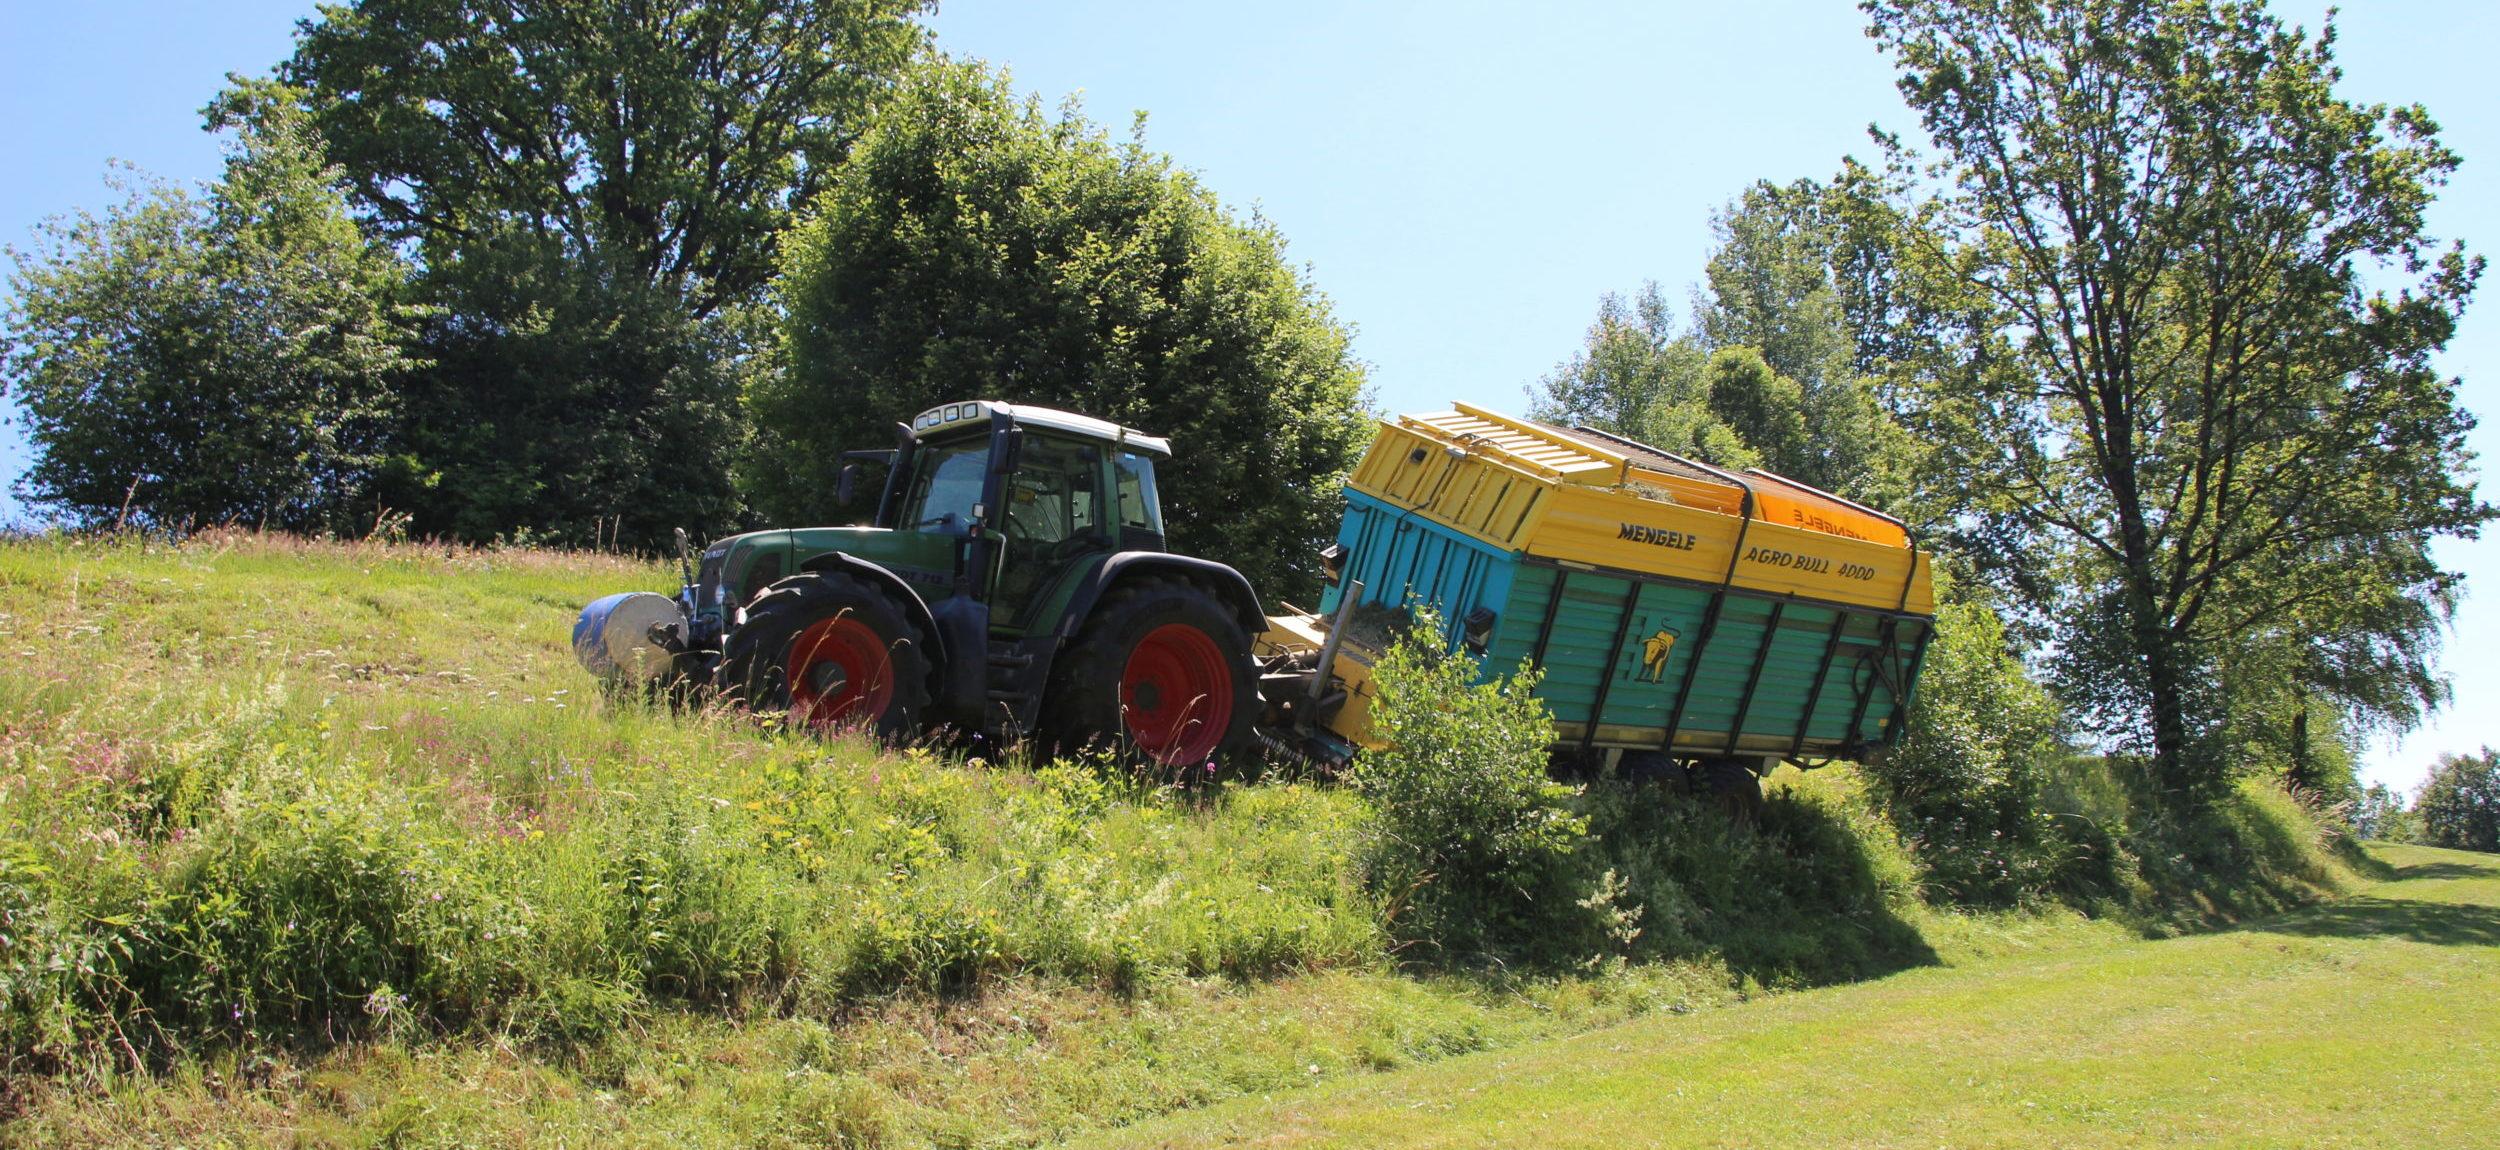 Traktorbergung – Ladewagen